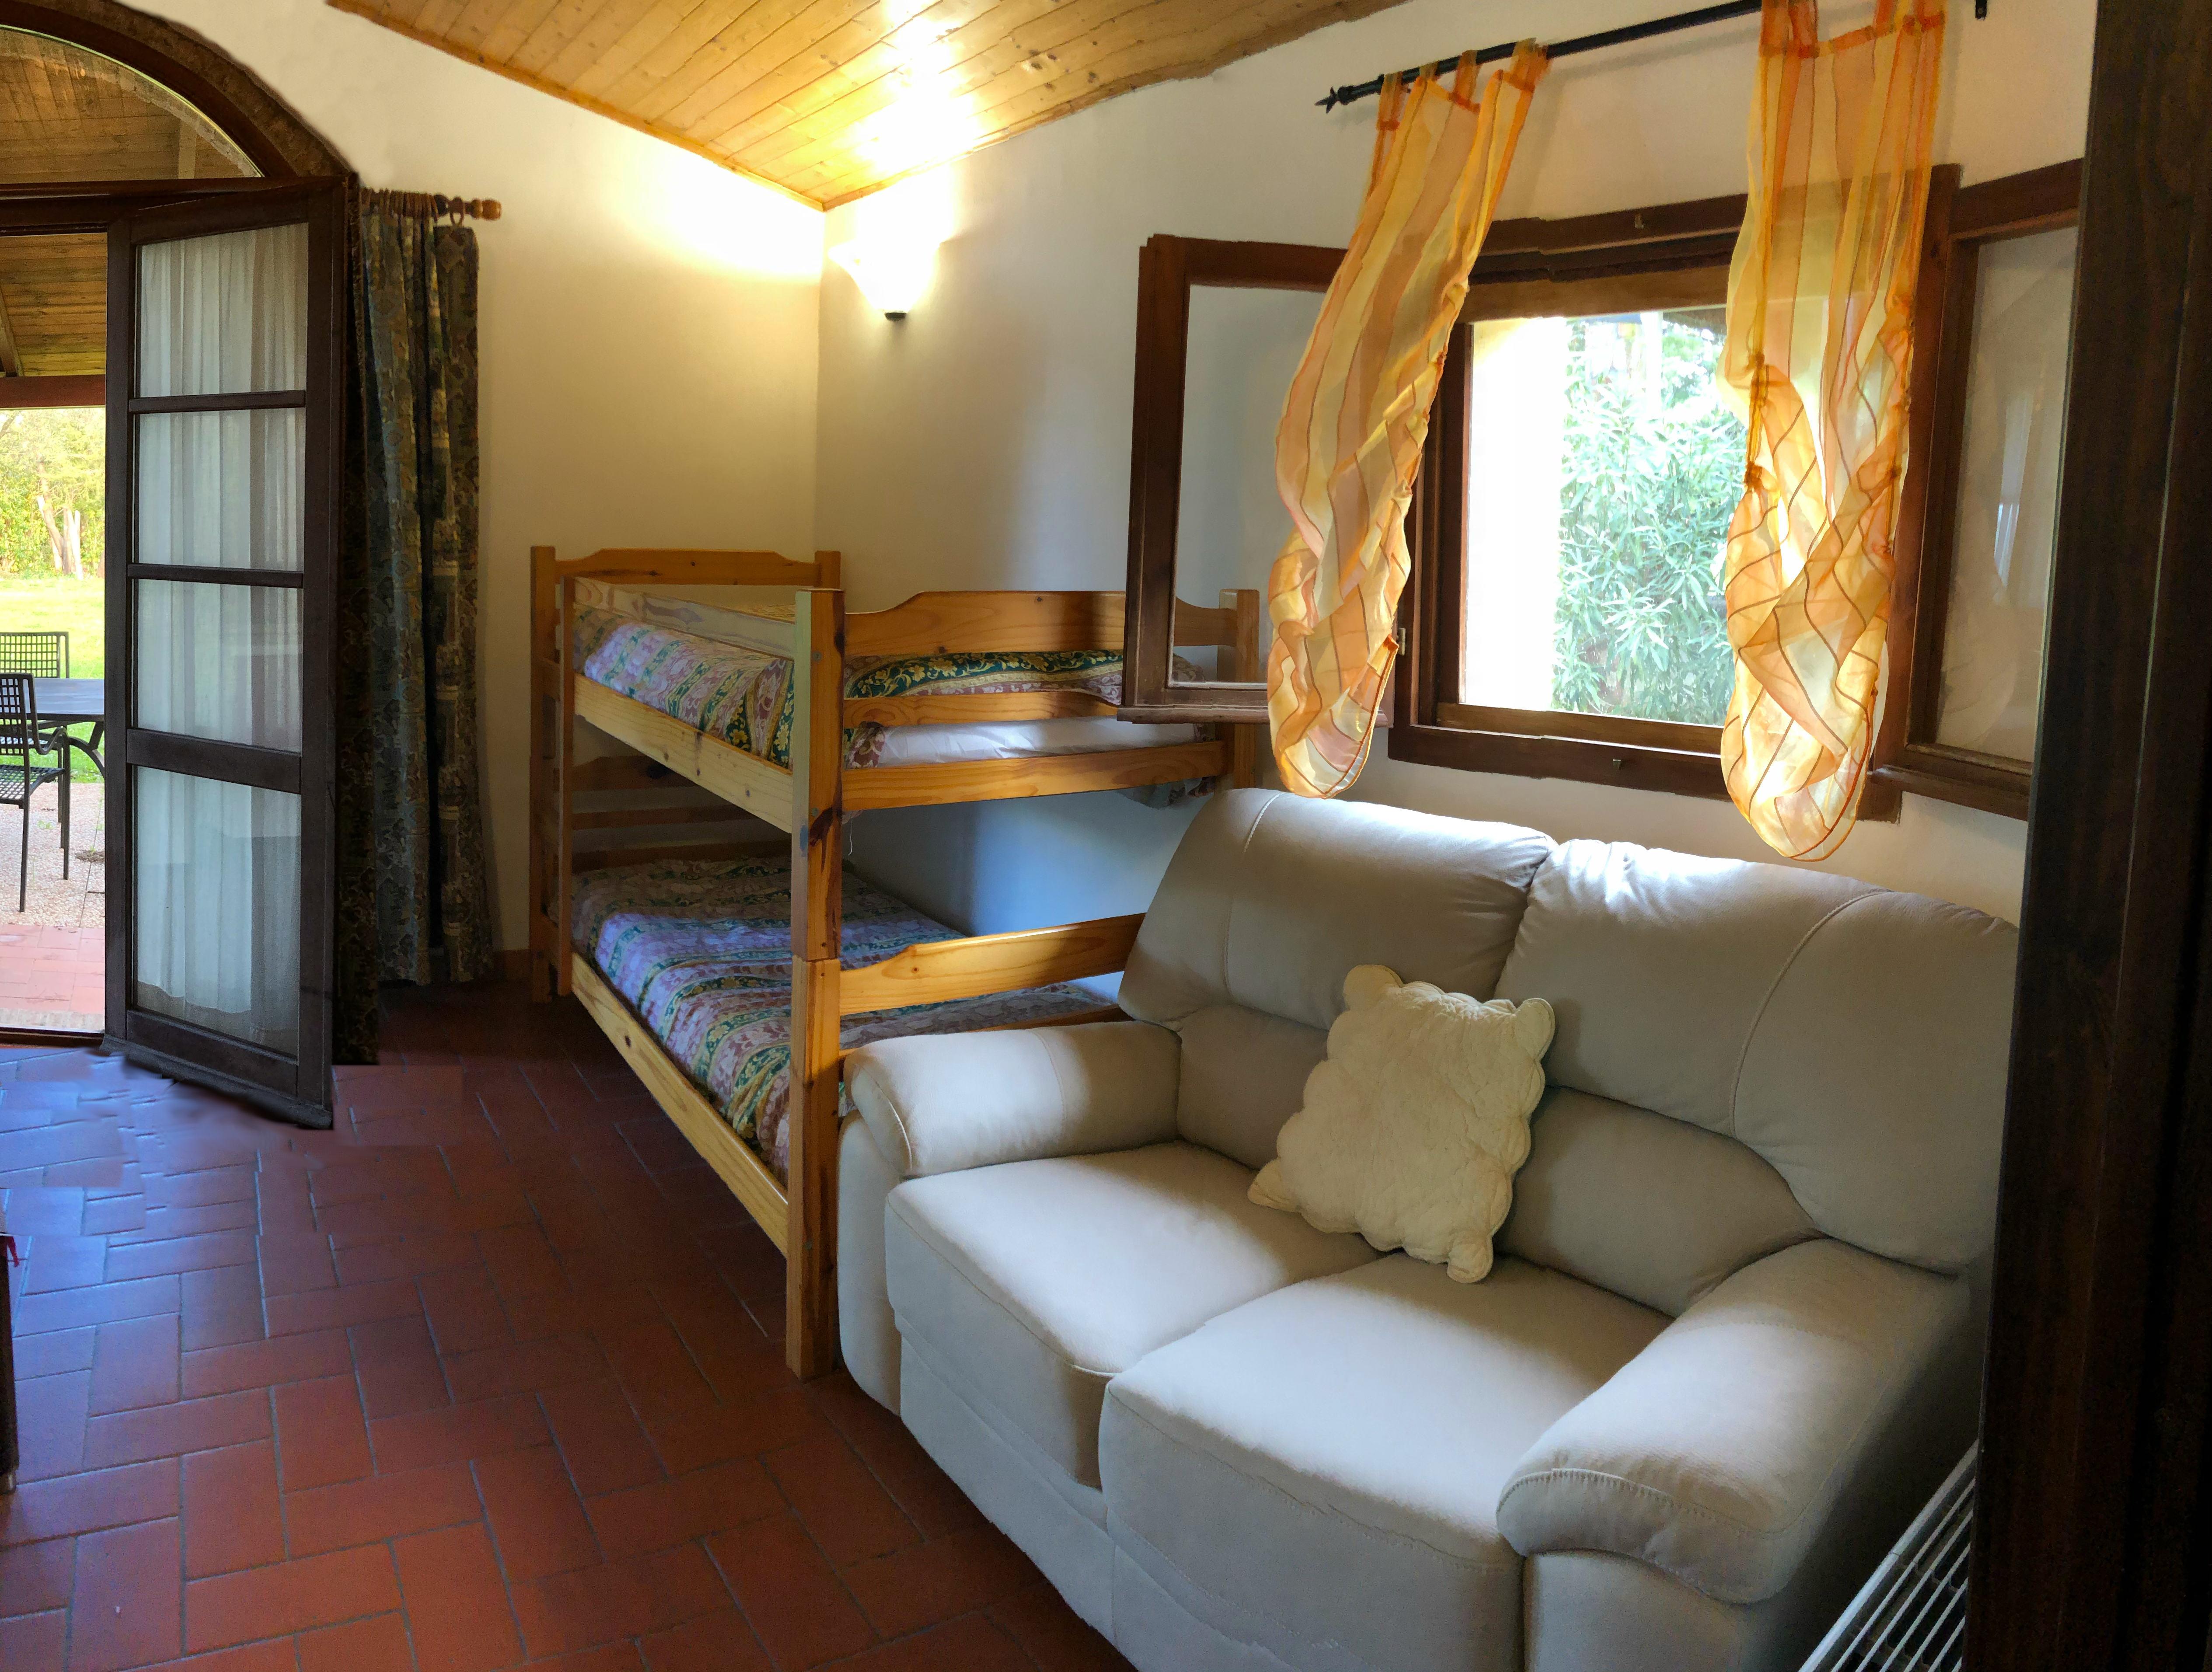 Appartamento Rondine: dettaglio del soggiorno con divano, letto a castello, finestra e porta aperta con vista sul giardino